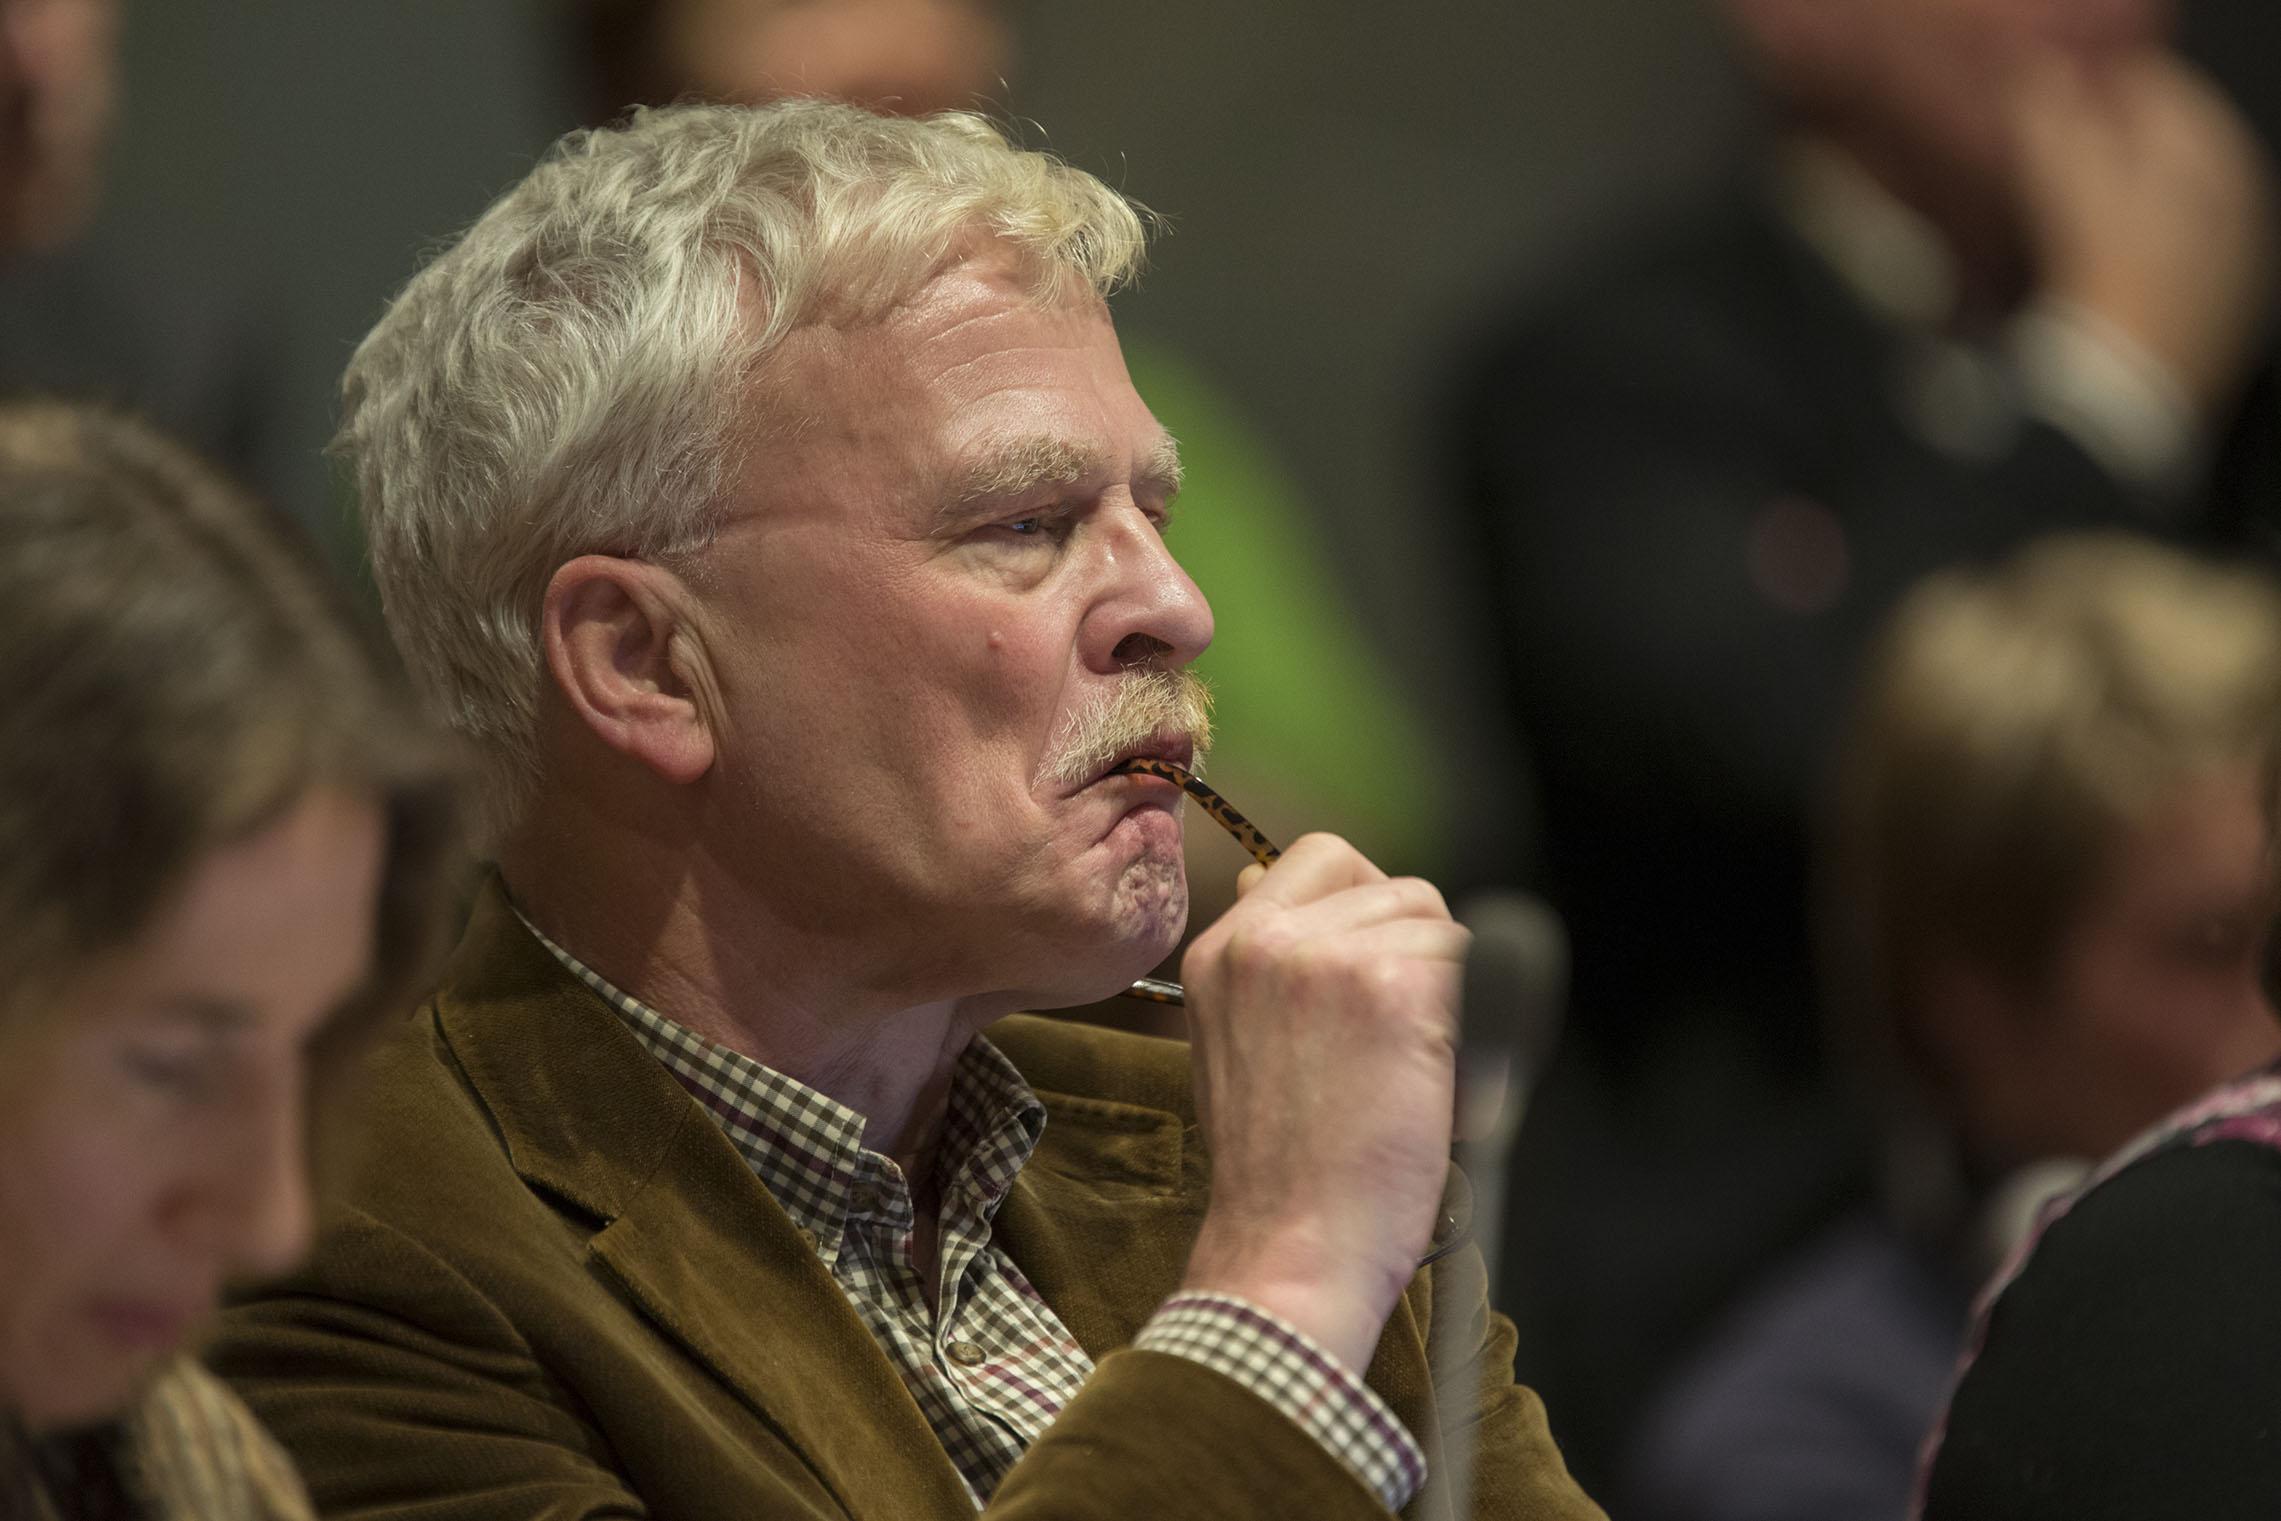 Alphens VVD-raadslid Bas Wienbelt (73) vertrekt om gezondheidsredenen